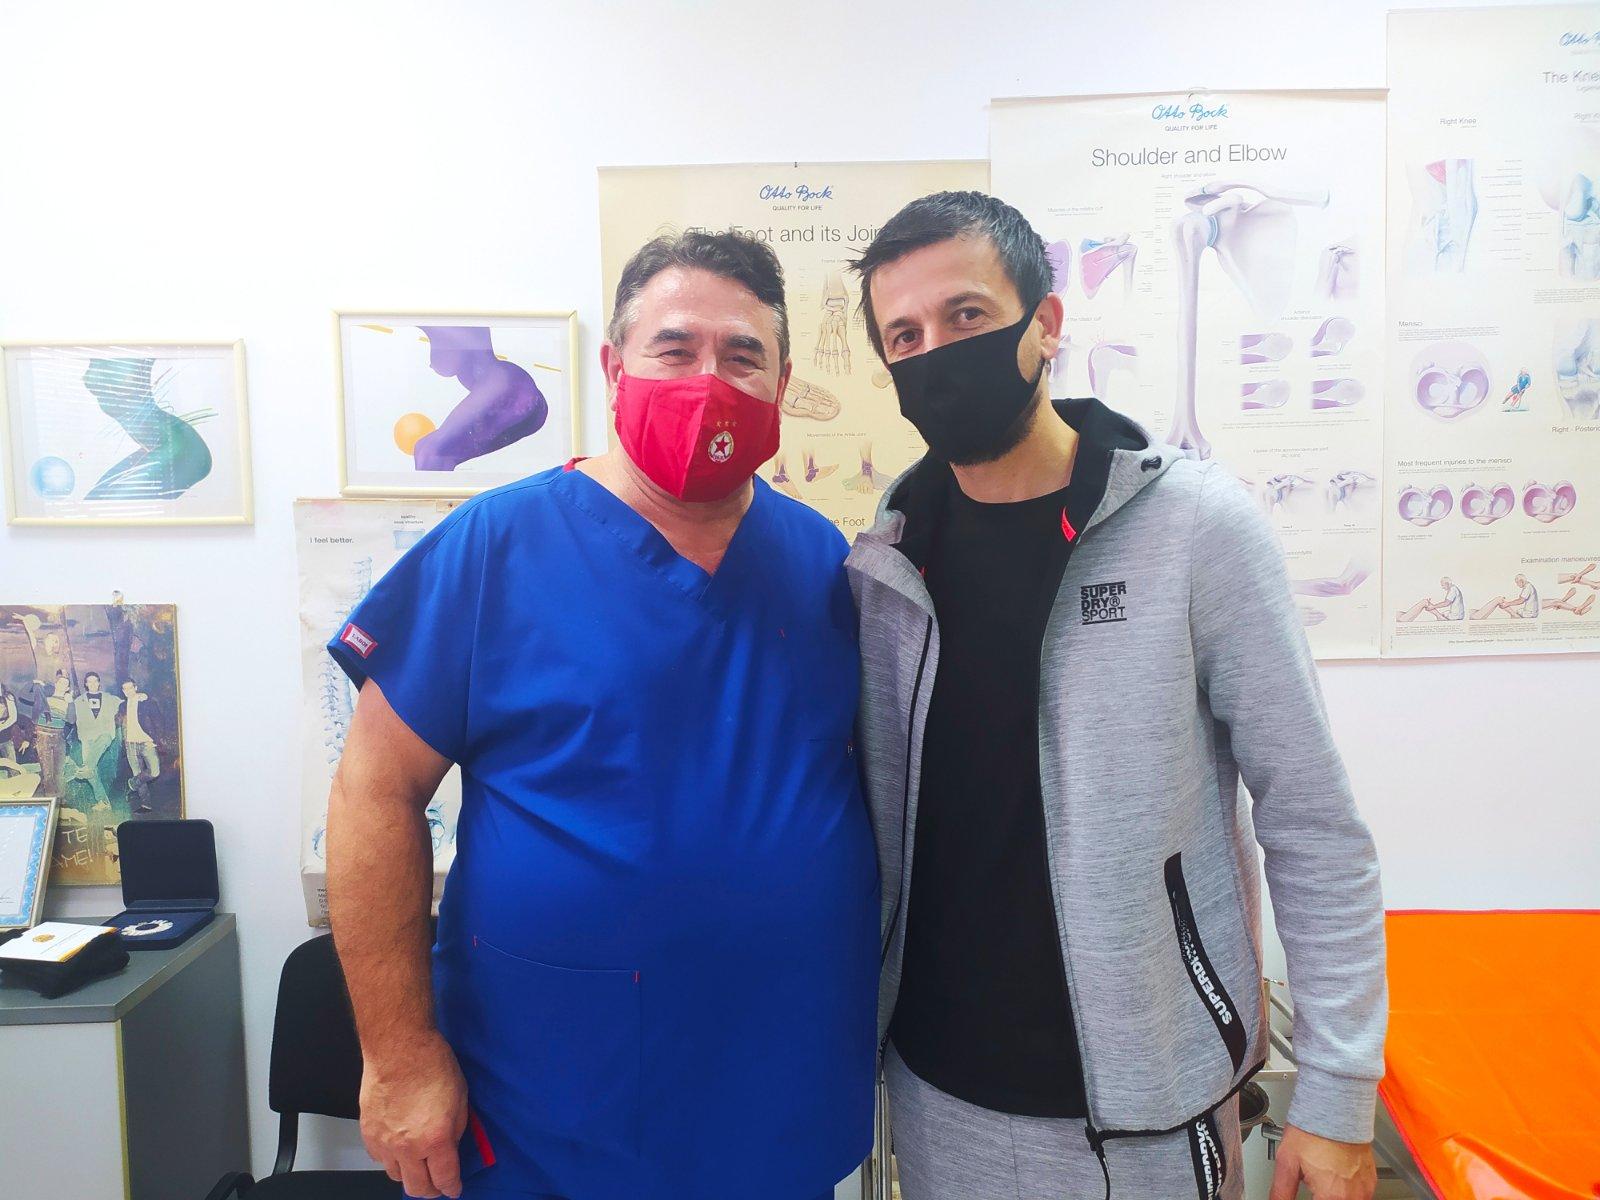 Болка доведе халфа на Славия Дарко Тасевски в семейната им болница